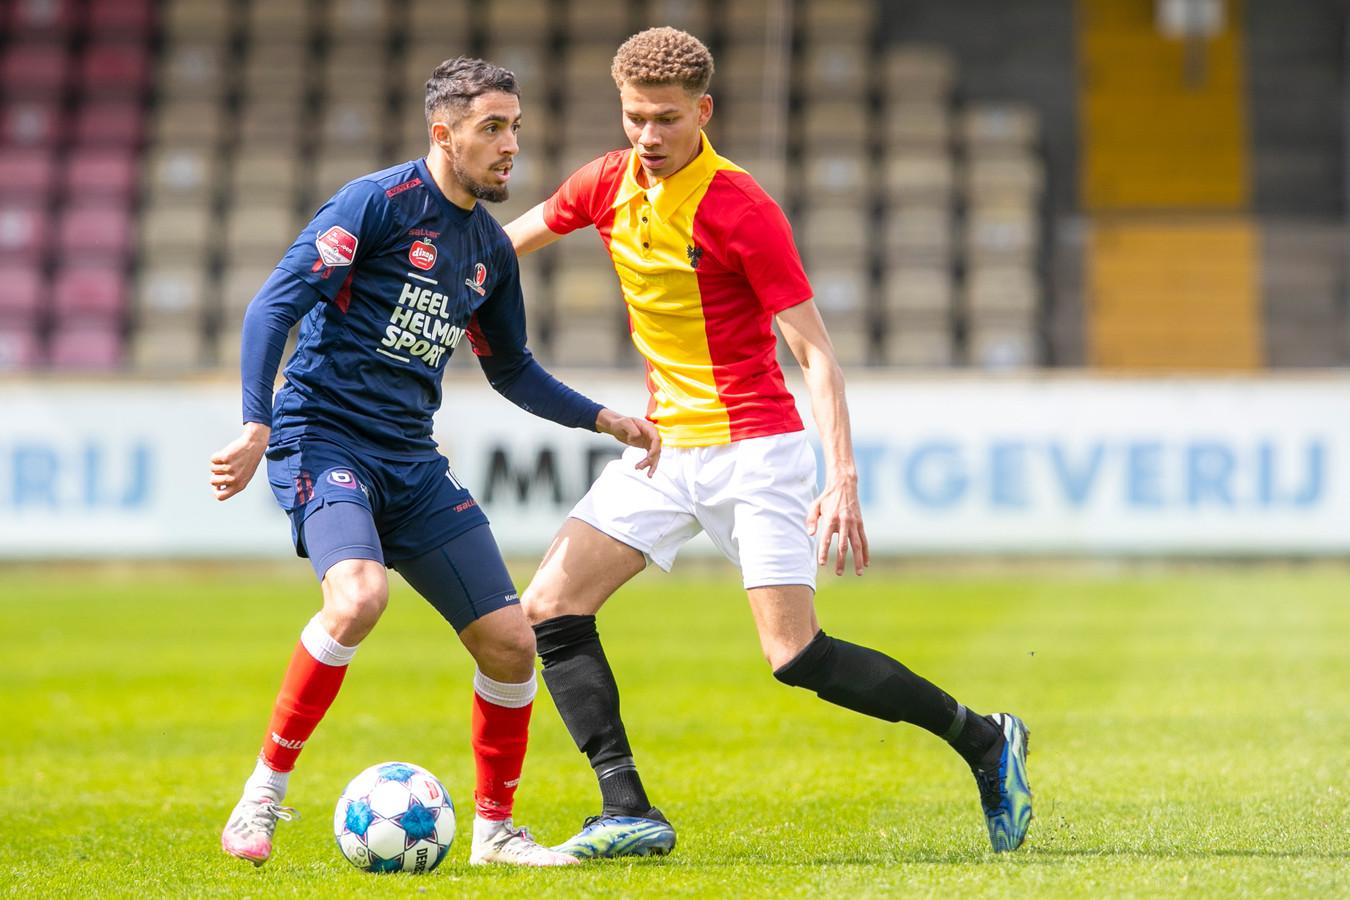 Karim Loukili werd zondagmiddag aardig op de huid gezeten door de defensie van Go Ahead Eagles. Hij kon zijn stempel niet drukken.